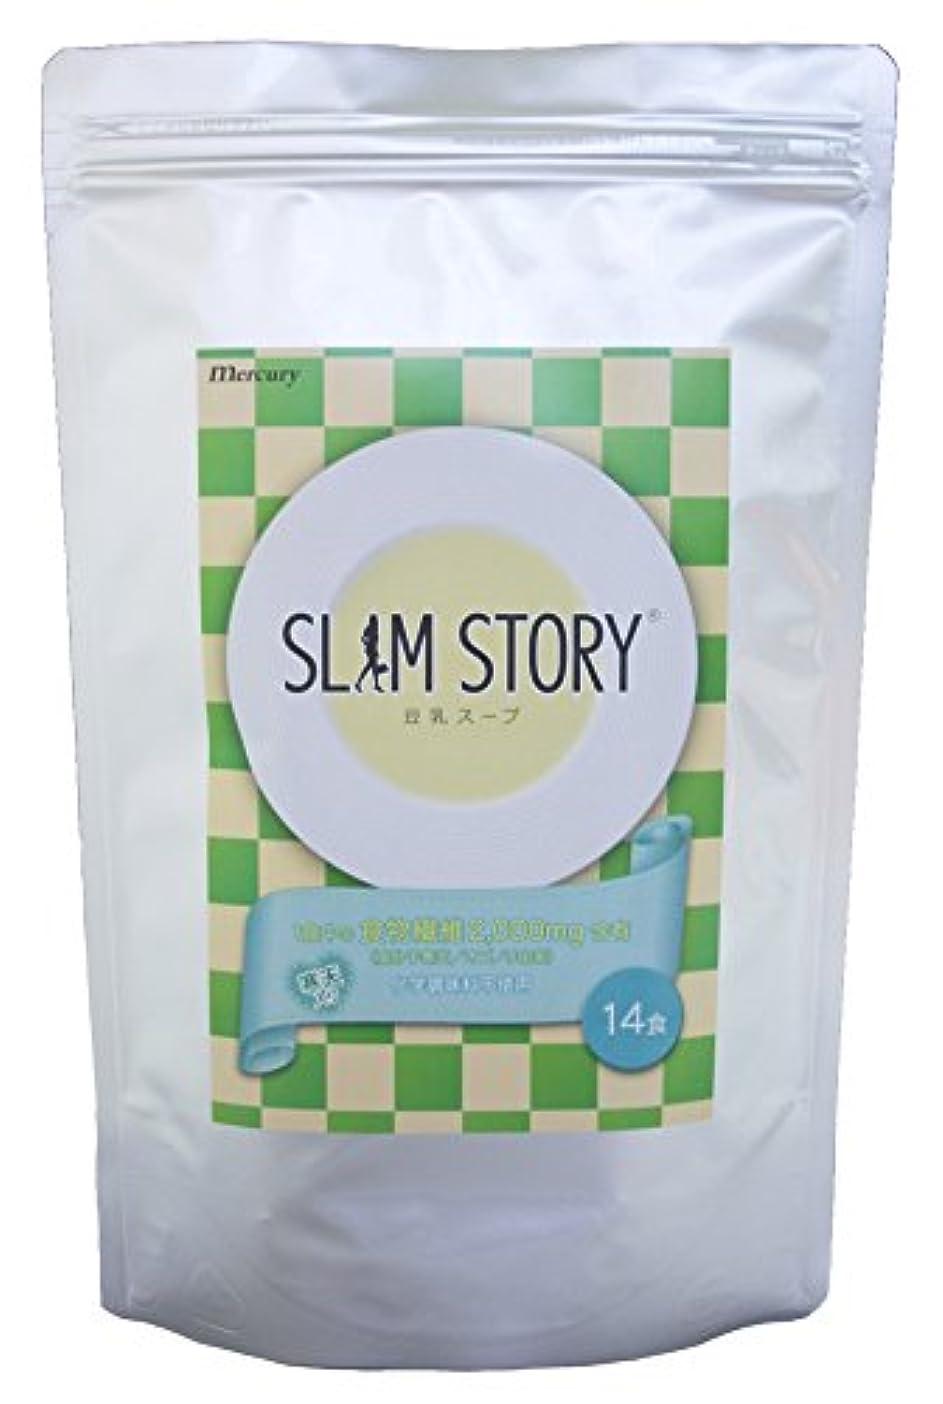 タービン正しく借りるマーキュリー SLIM STORY 豆乳スープ 14食/化学調味料 不使用